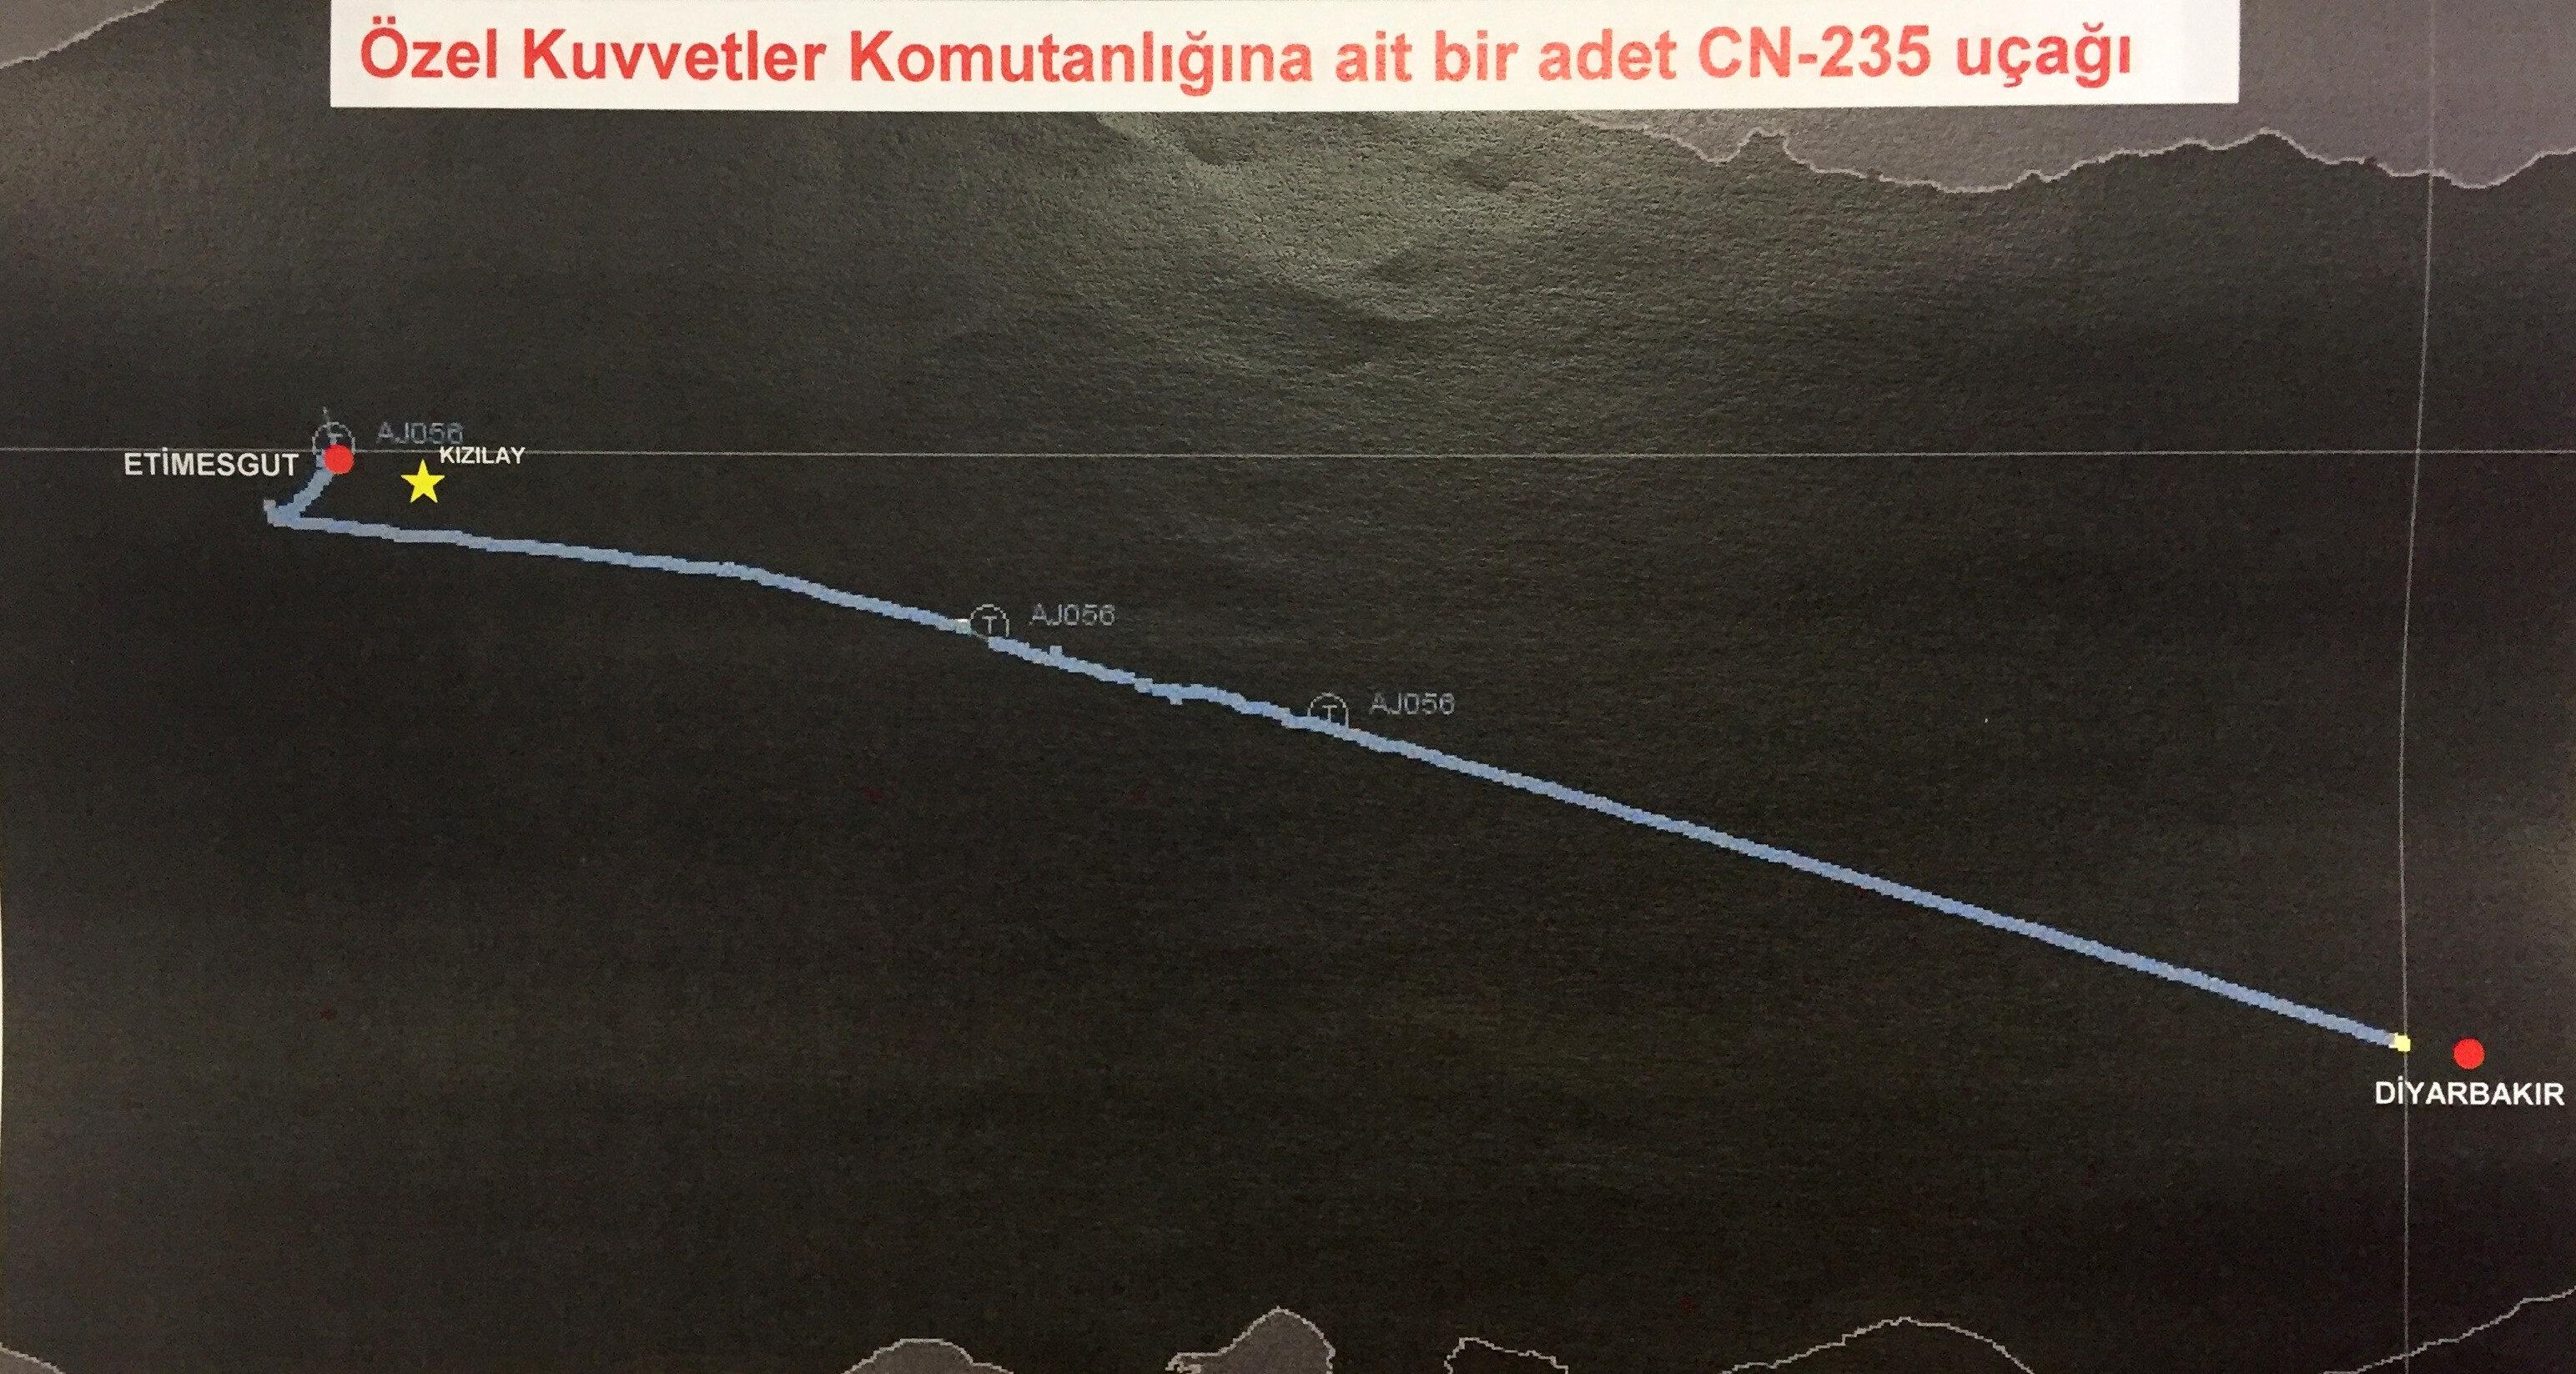 Radar izi tespit edilen Diyarbakır'dan havalanan ve Ankara'ya iniş yapan Özel Kuvvetler Komutanlığına ait uçakta, darbe girişimi gecesi şehit edilen Astsubay Ömer Halisdemir'in, silahla vurarak öldürdüğü darbeci general Tuğgeneral Semih Terzi ve ekibini taşıdığı tespit edildi.